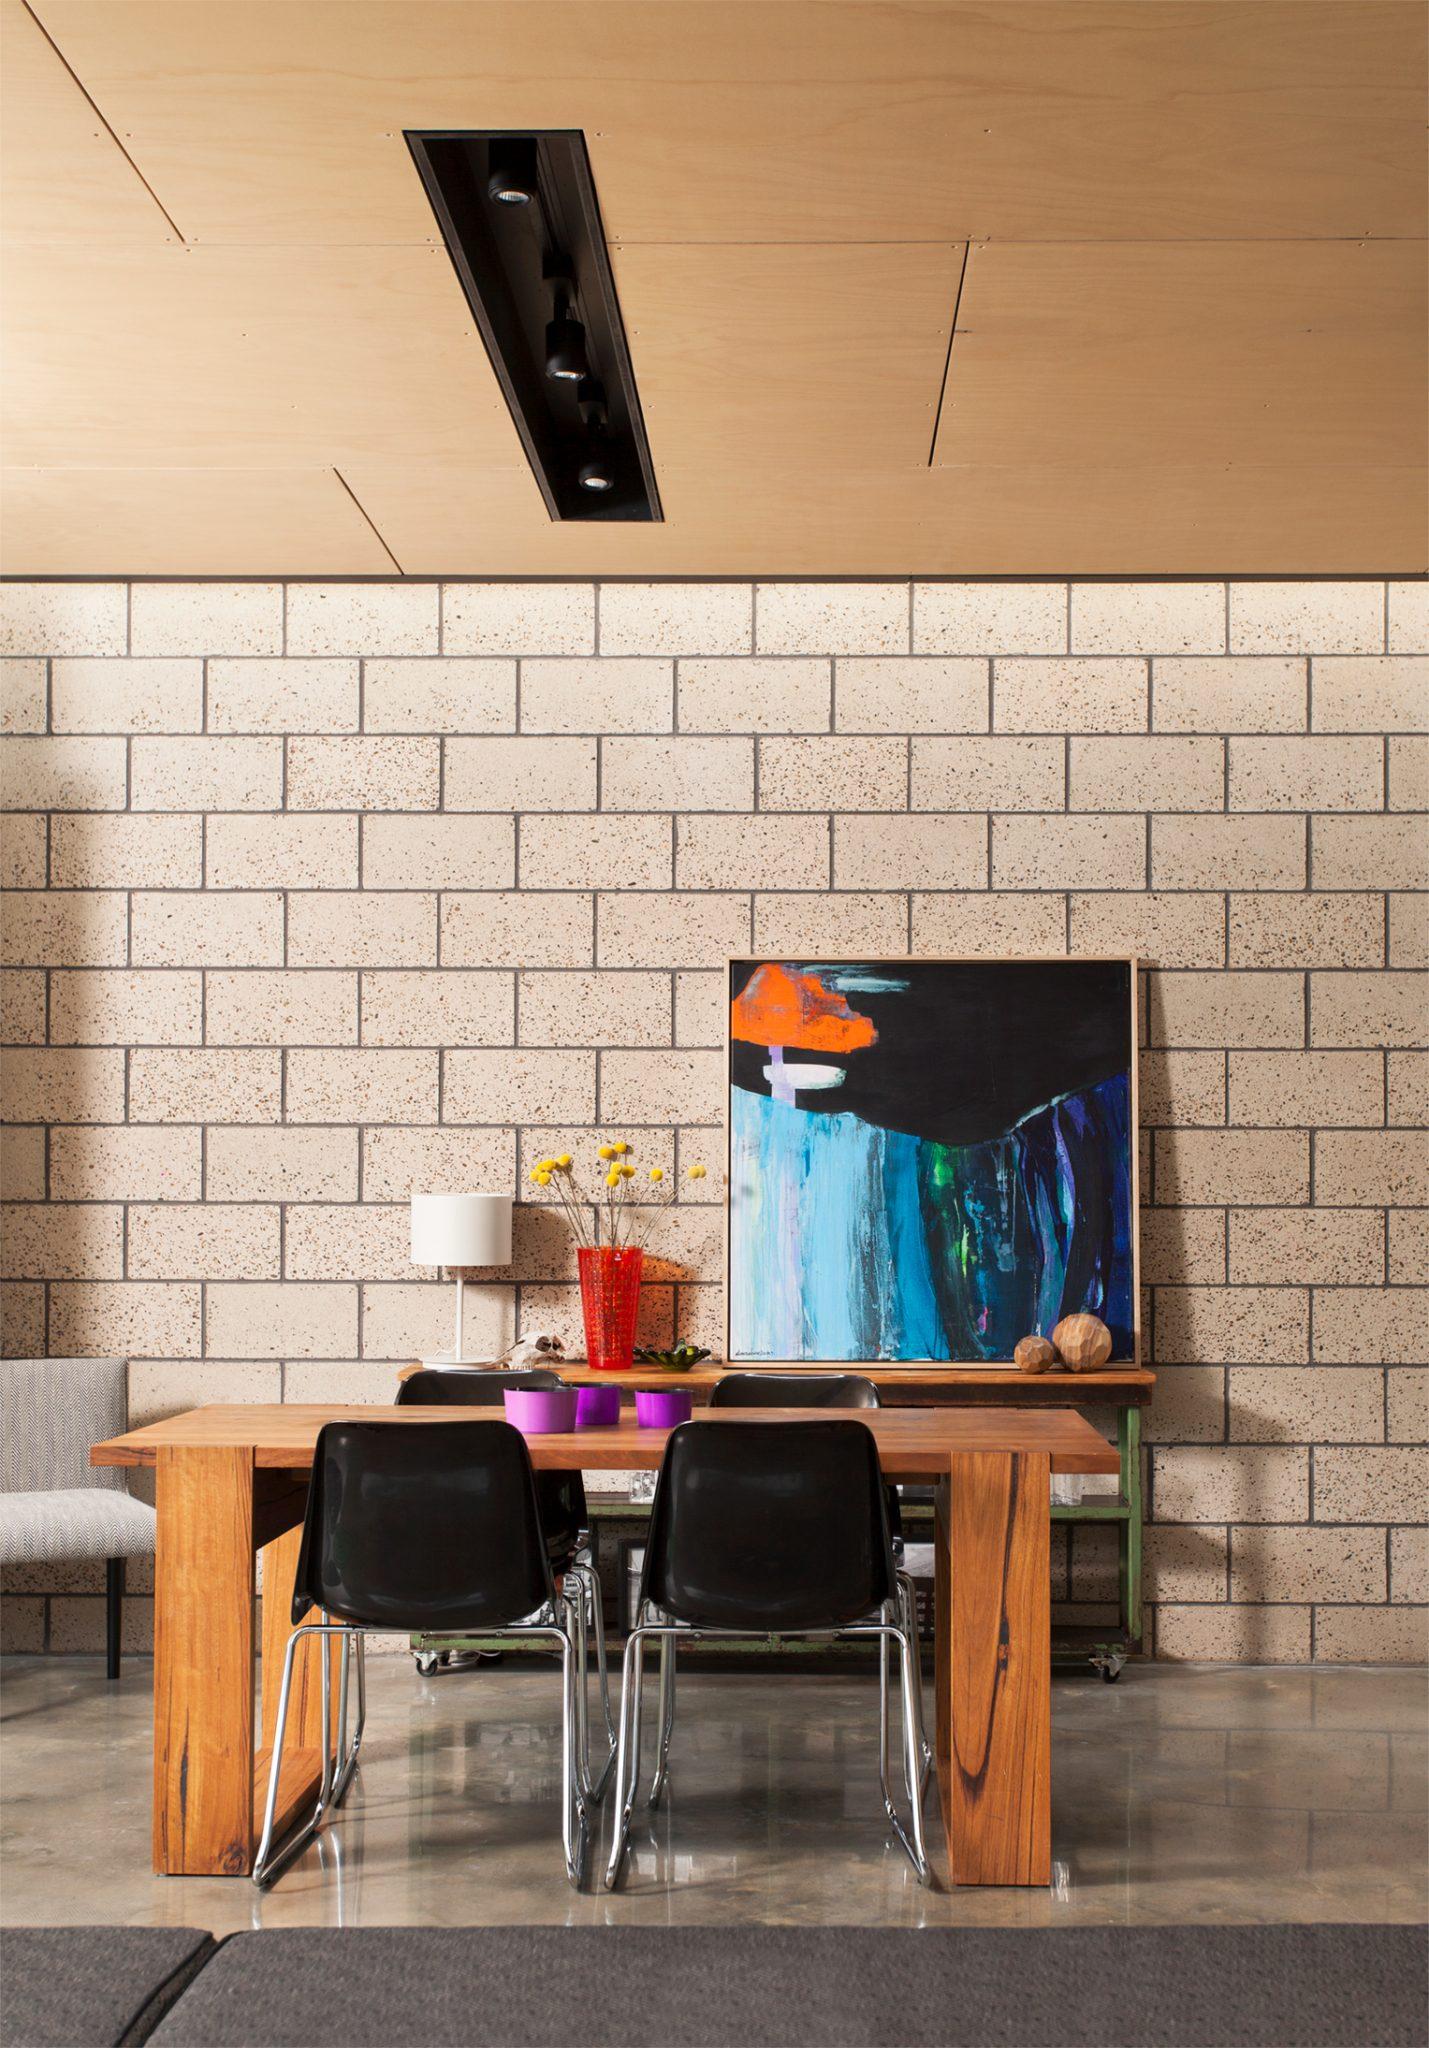 Balaclava residence interior example image